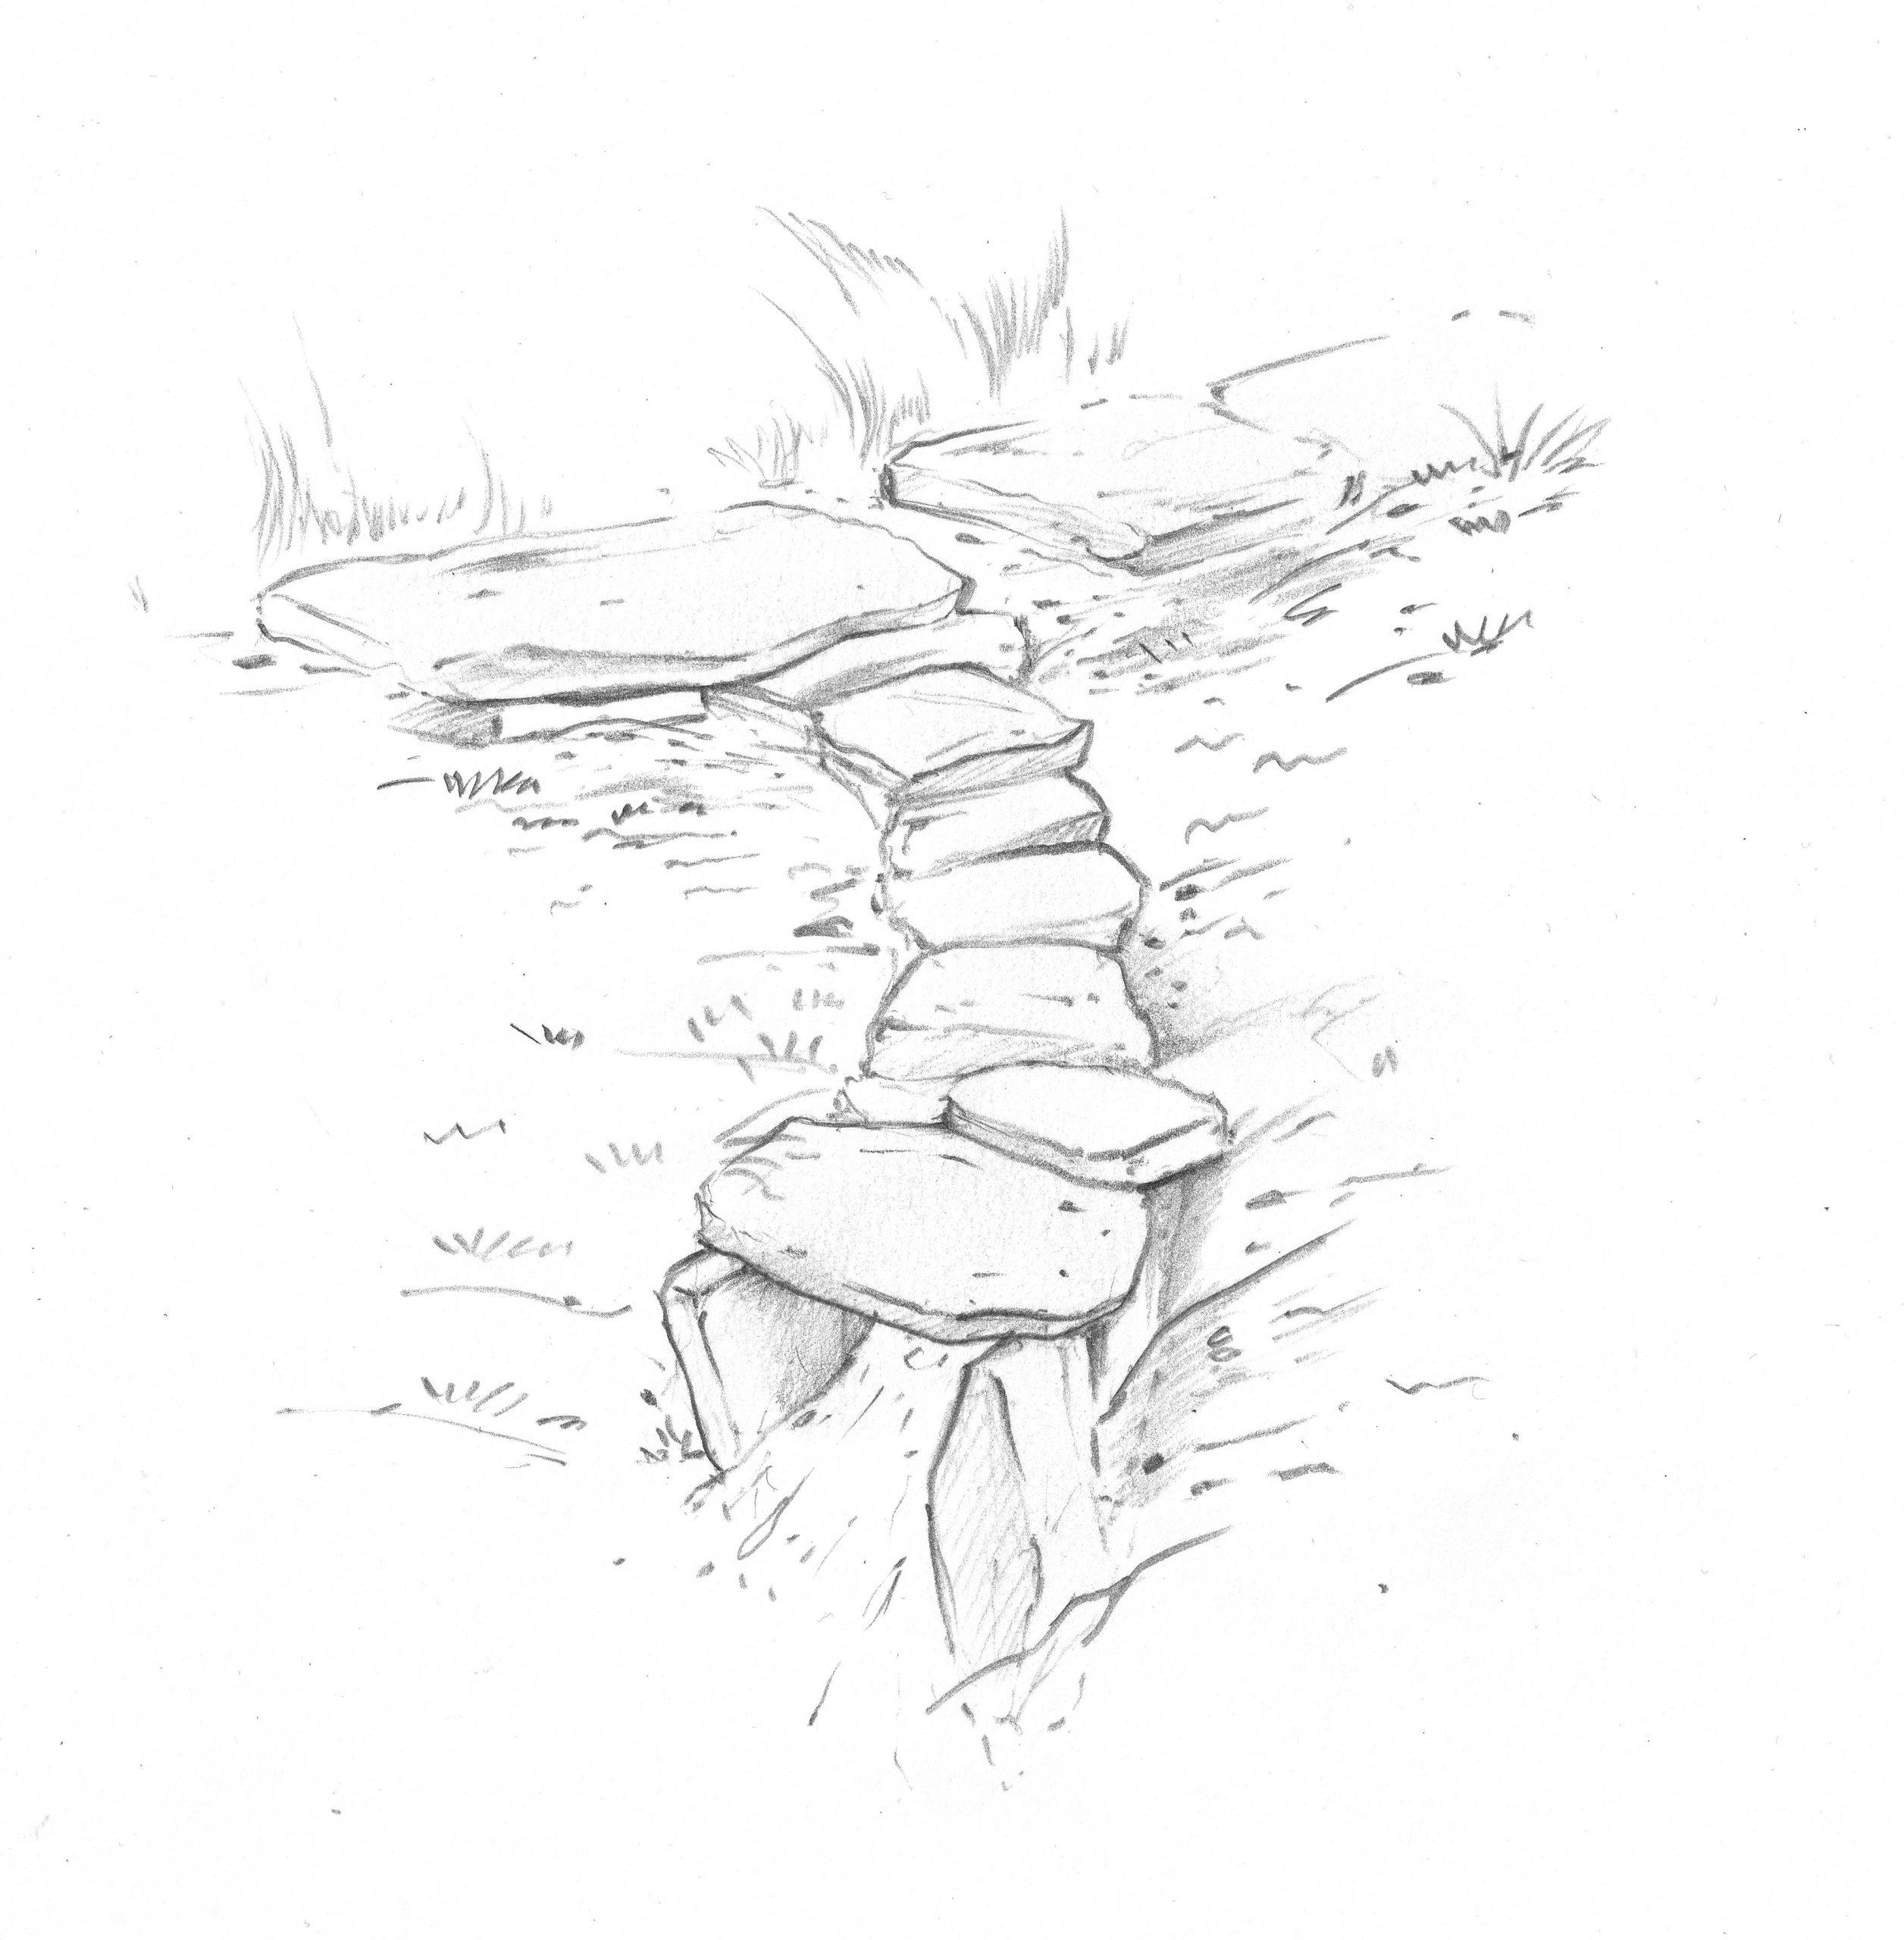 Stokkræsi leiðir vatn frá stíg, stokkurinn fer síðan á kaf